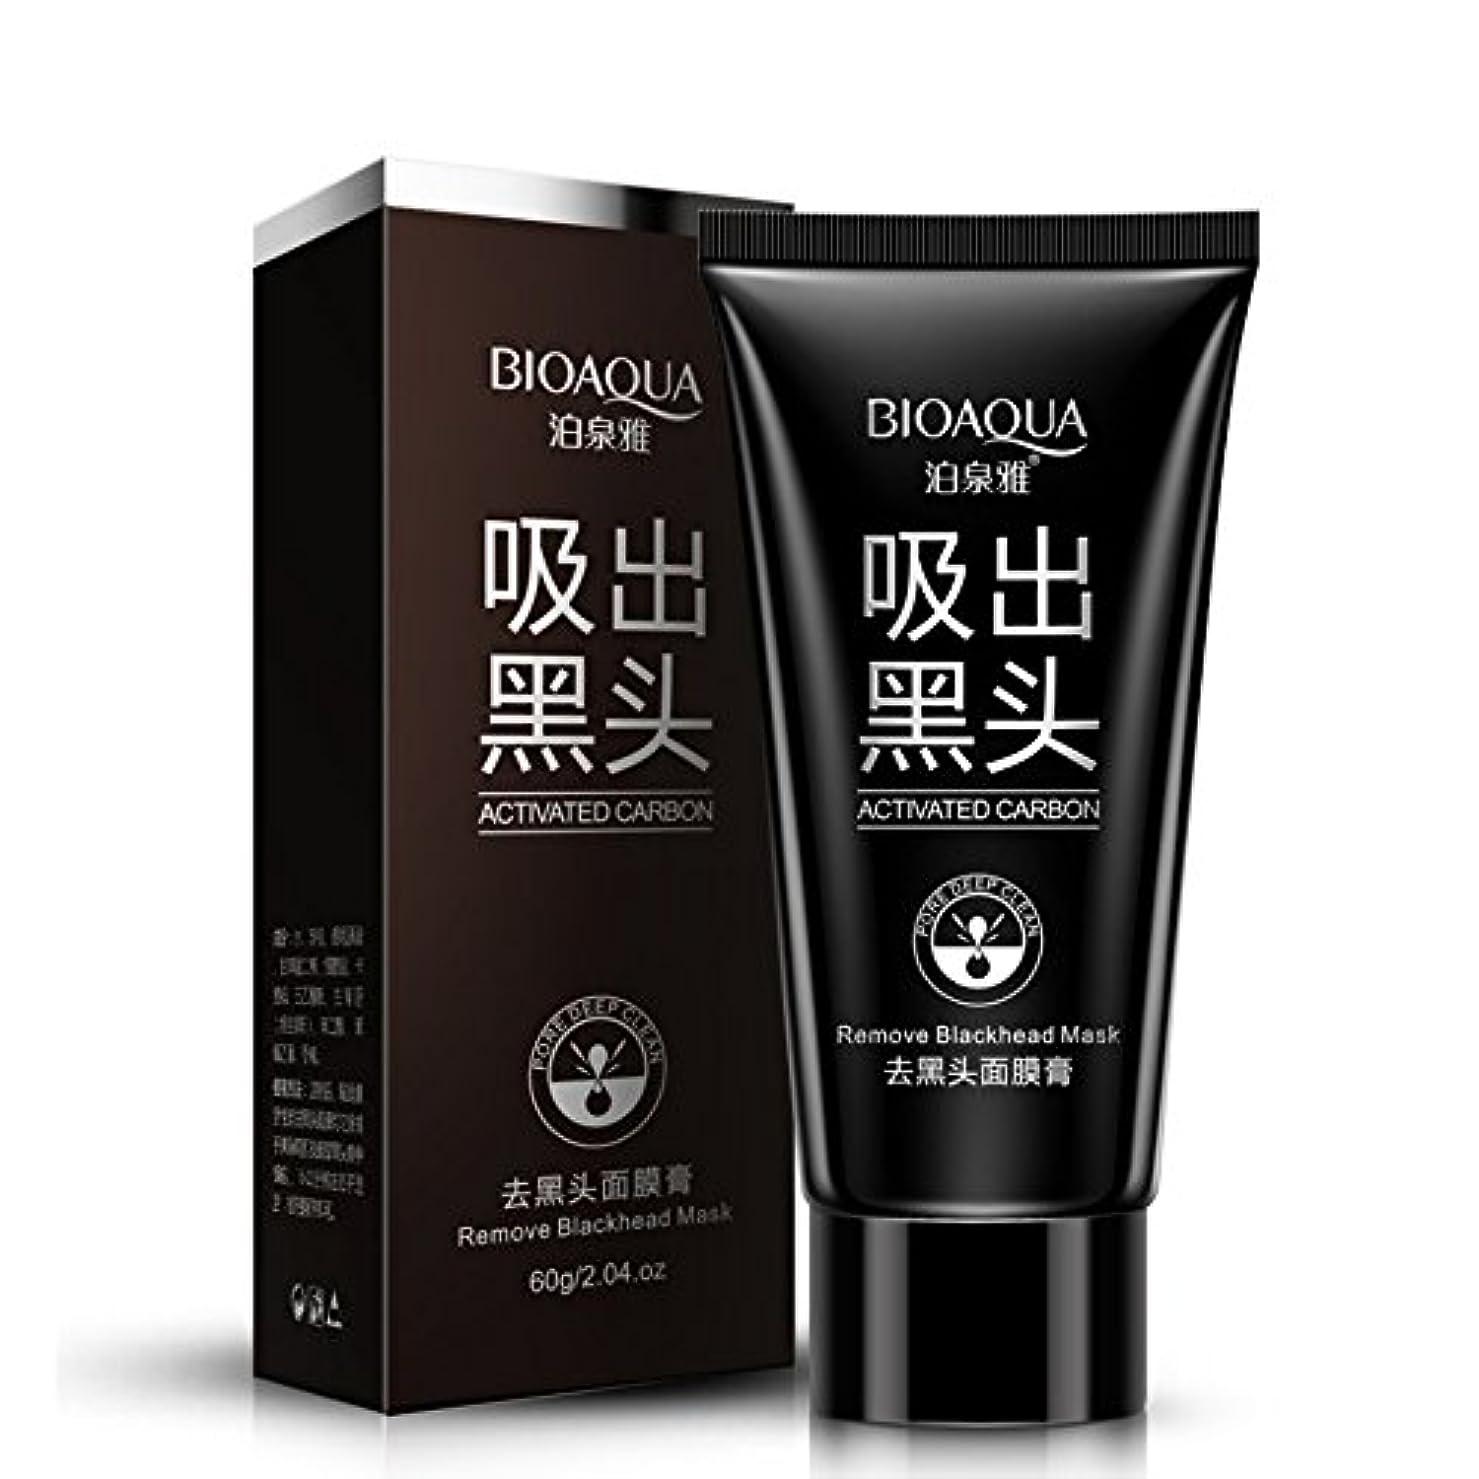 寂しいお金ゴムプログラムSuction Black Mask Shrink Black Head Spots Pores,Face Mask Blackhead Removal Blackheads Cosmetics Facials Moisturizing Skin Care.